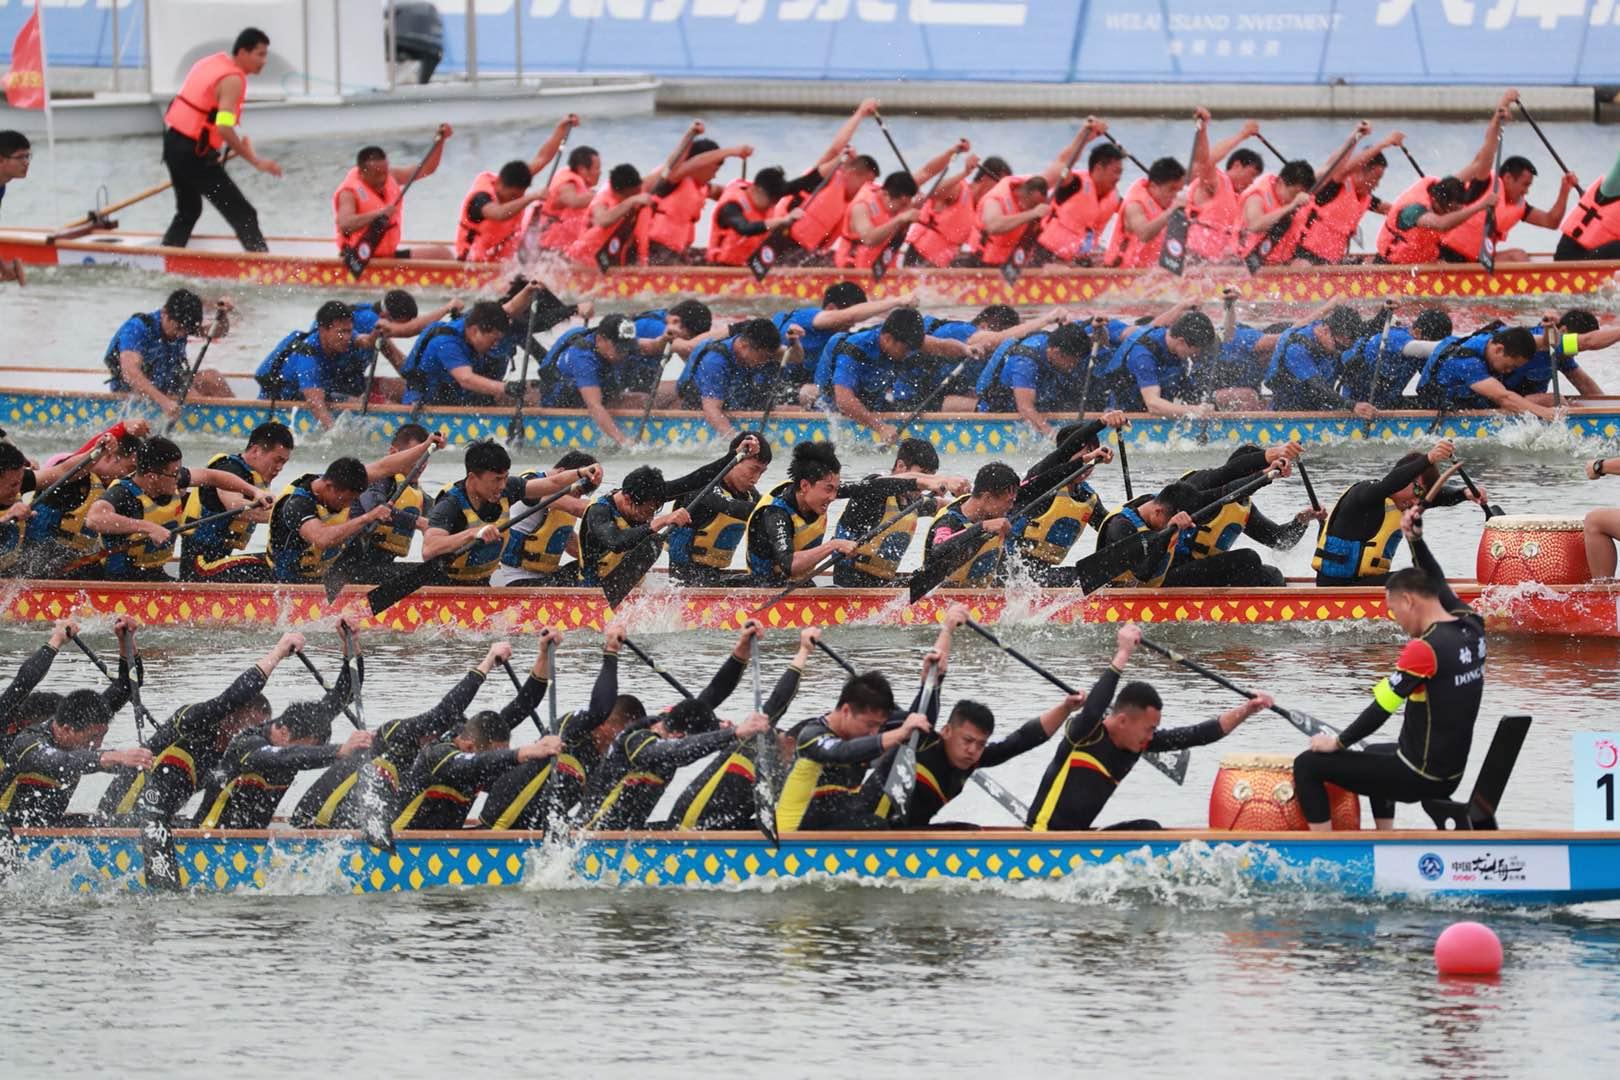 潍坊滨海:2018中国龙舟公开赛(山东潍坊站)开赛